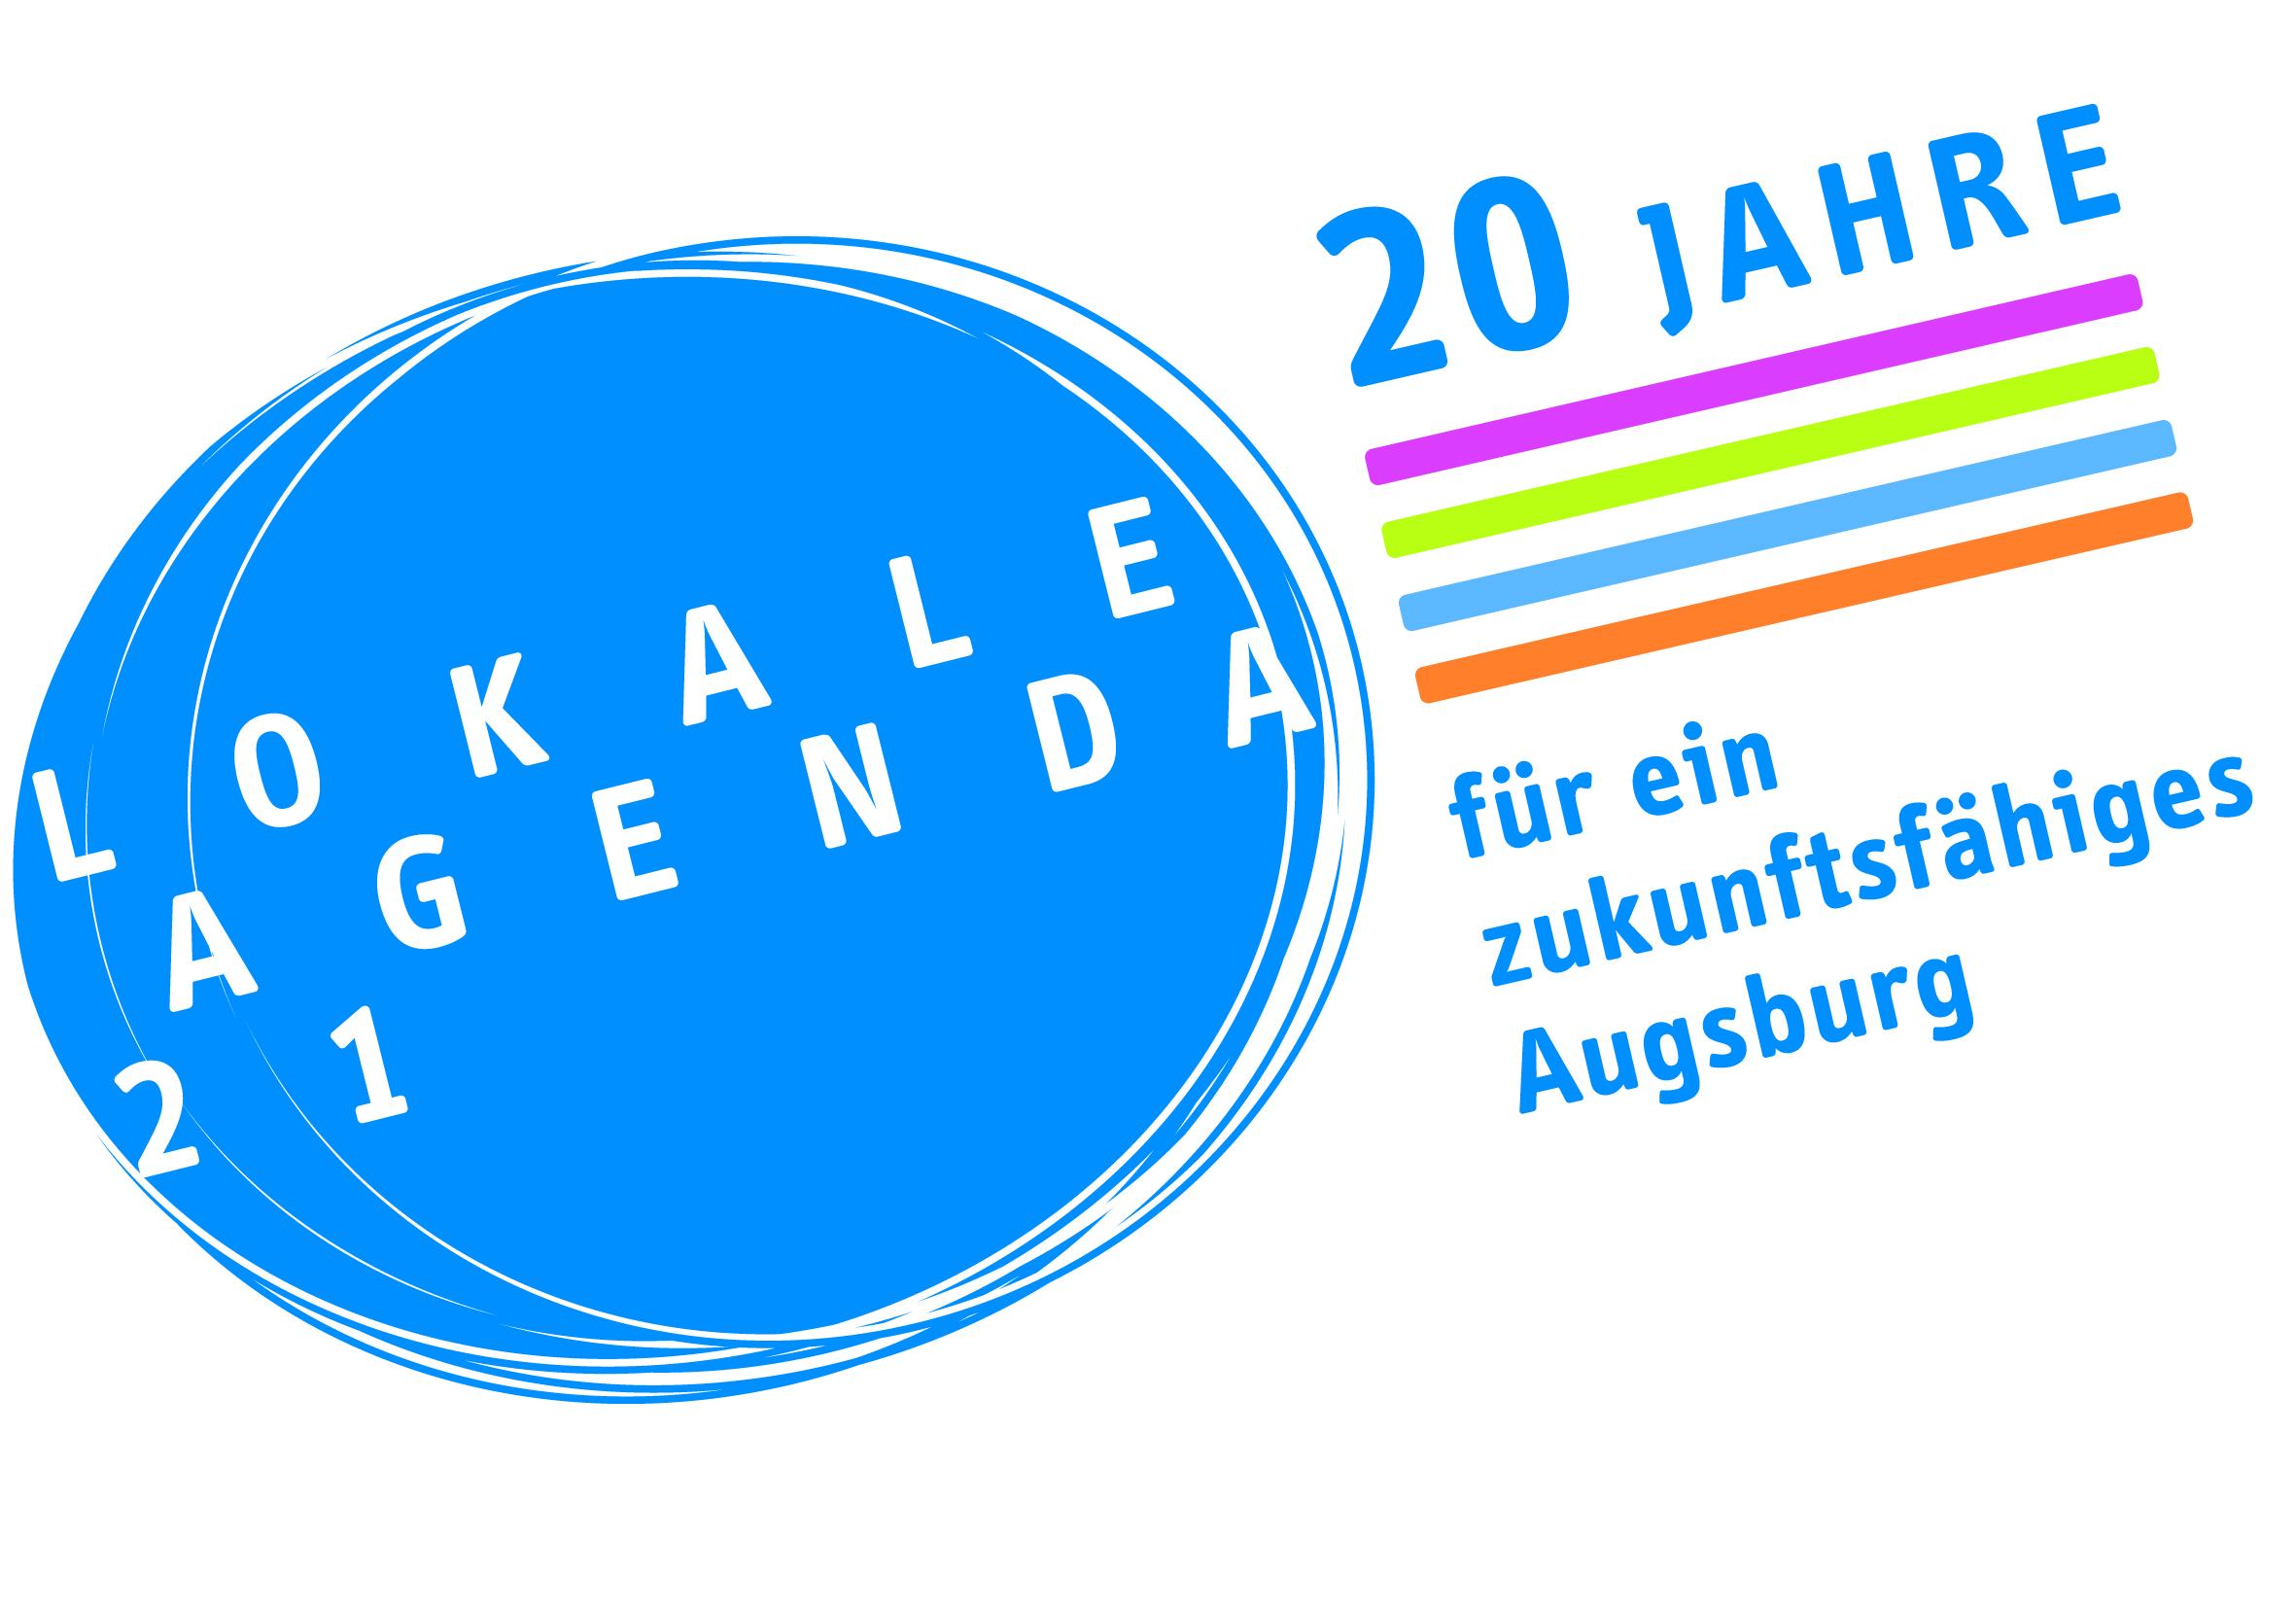 Lokale Agenda Augsburg